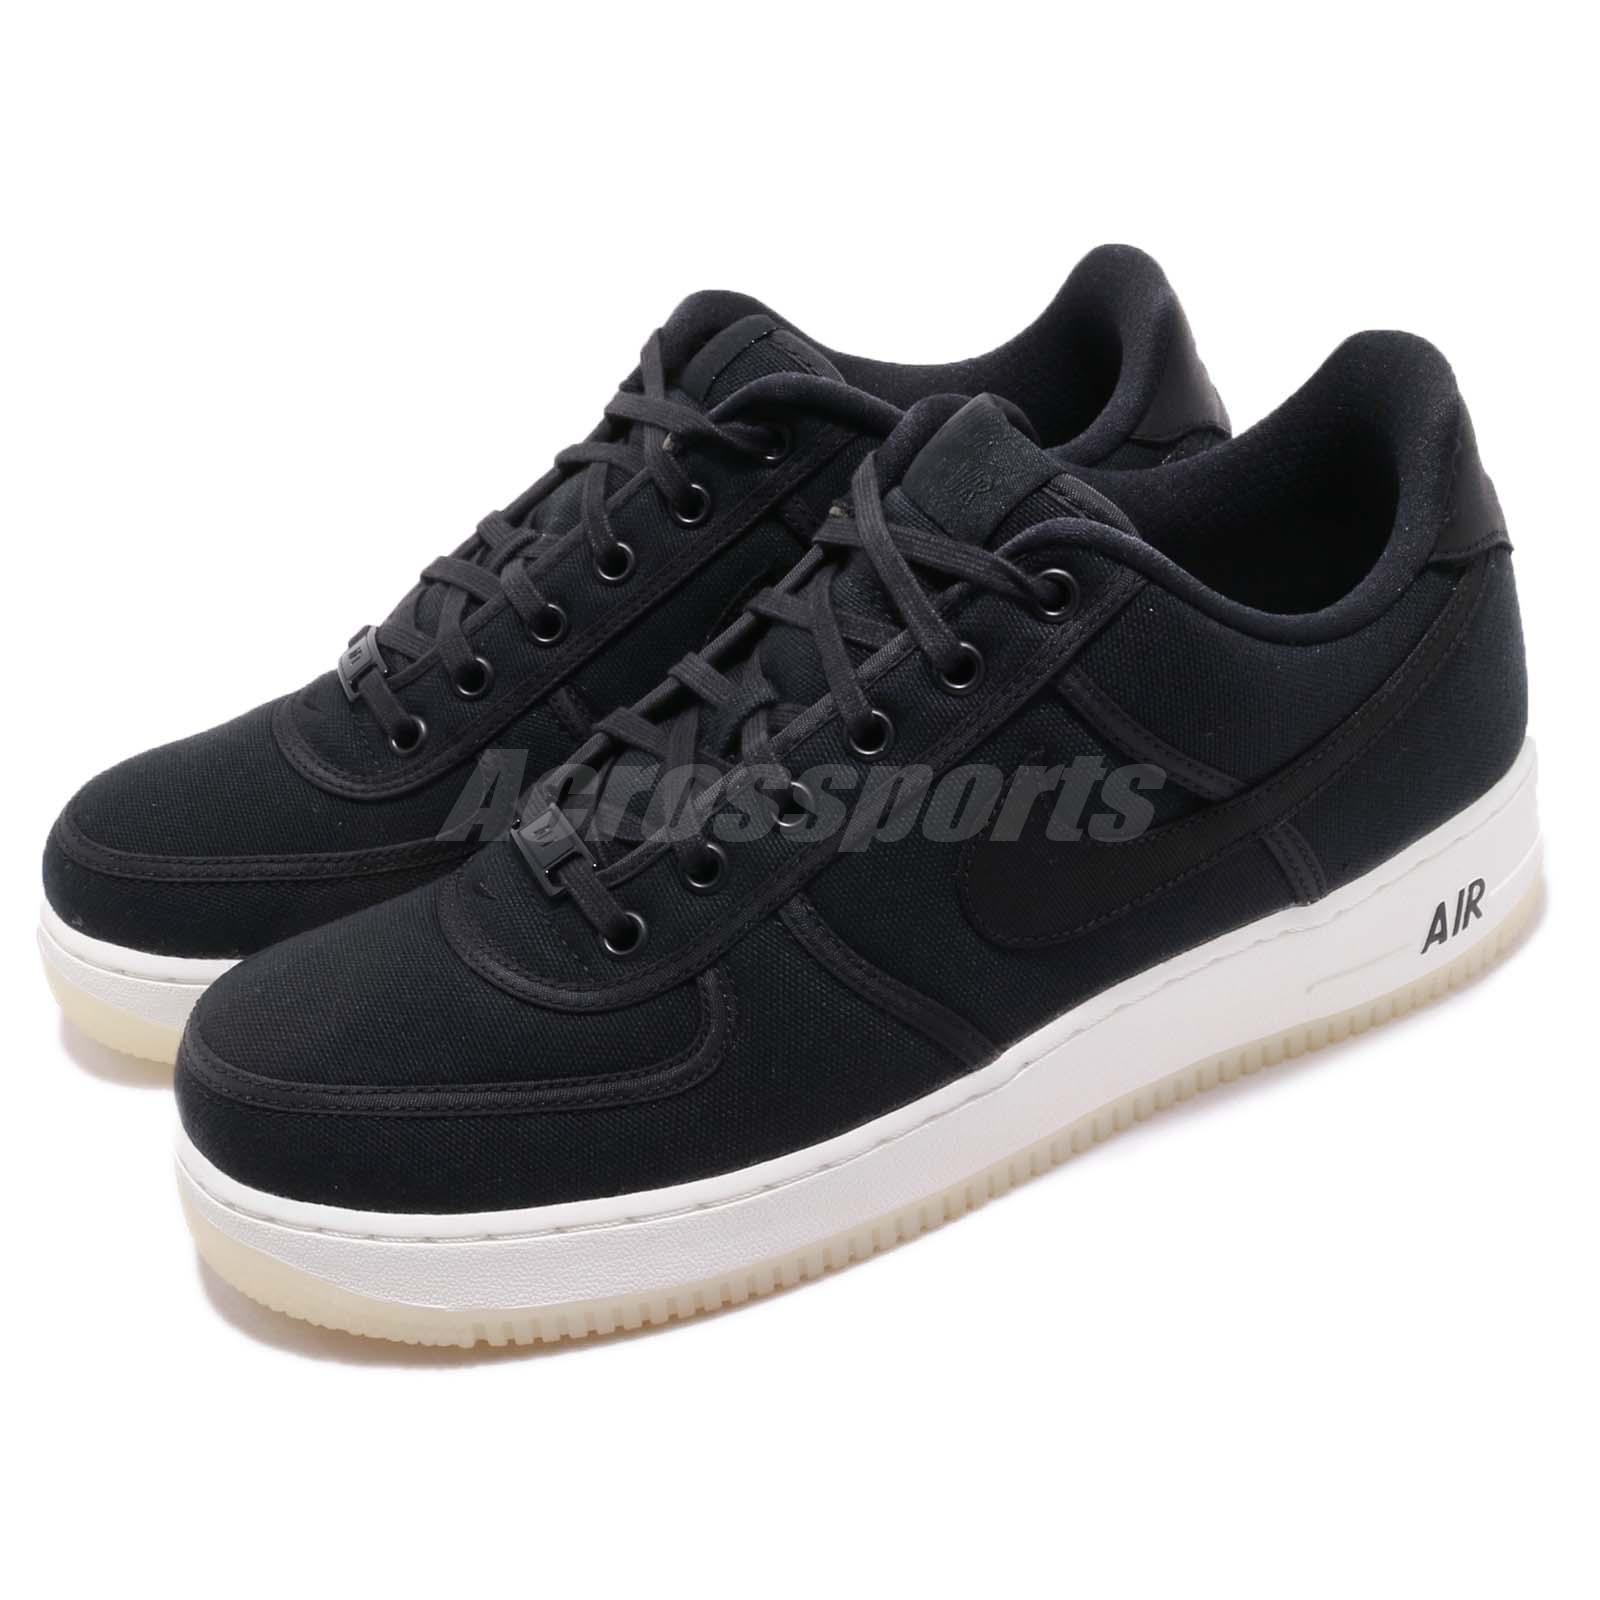 wholesale dealer 21a99 3b051 Details about Nike Air Force 1 Low Retro QS CNVS Black White Canvas Mens  Shoes AF1 AH1067-004